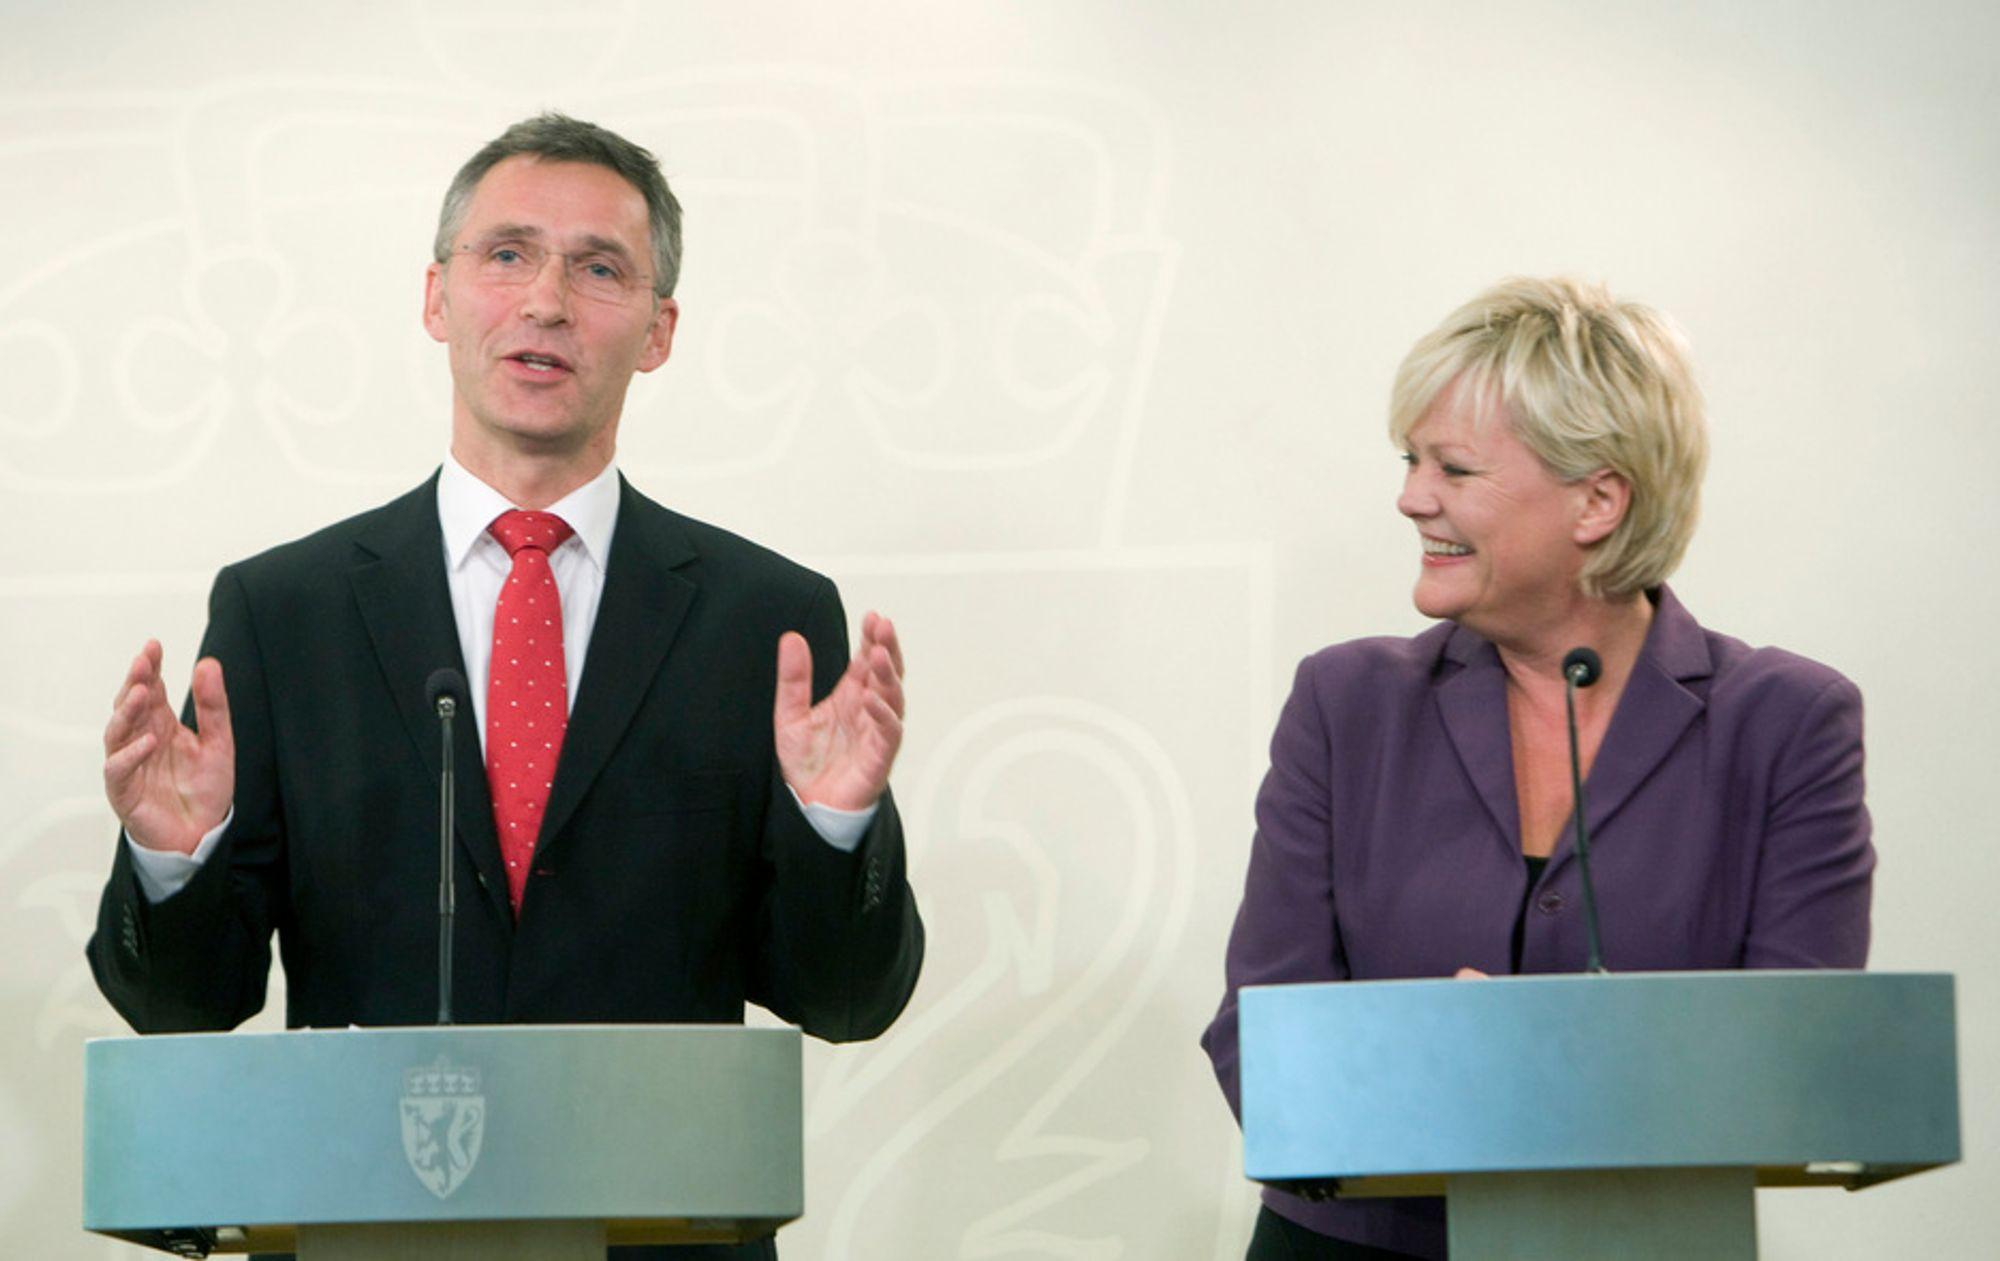 Regjeringen gir mer penger til verftsindustrien. Kunnskapsminister Kristin Halvorsen og statsminister Jens Stoltenberg håper det kan gi nye forretningsområder for bransjen.